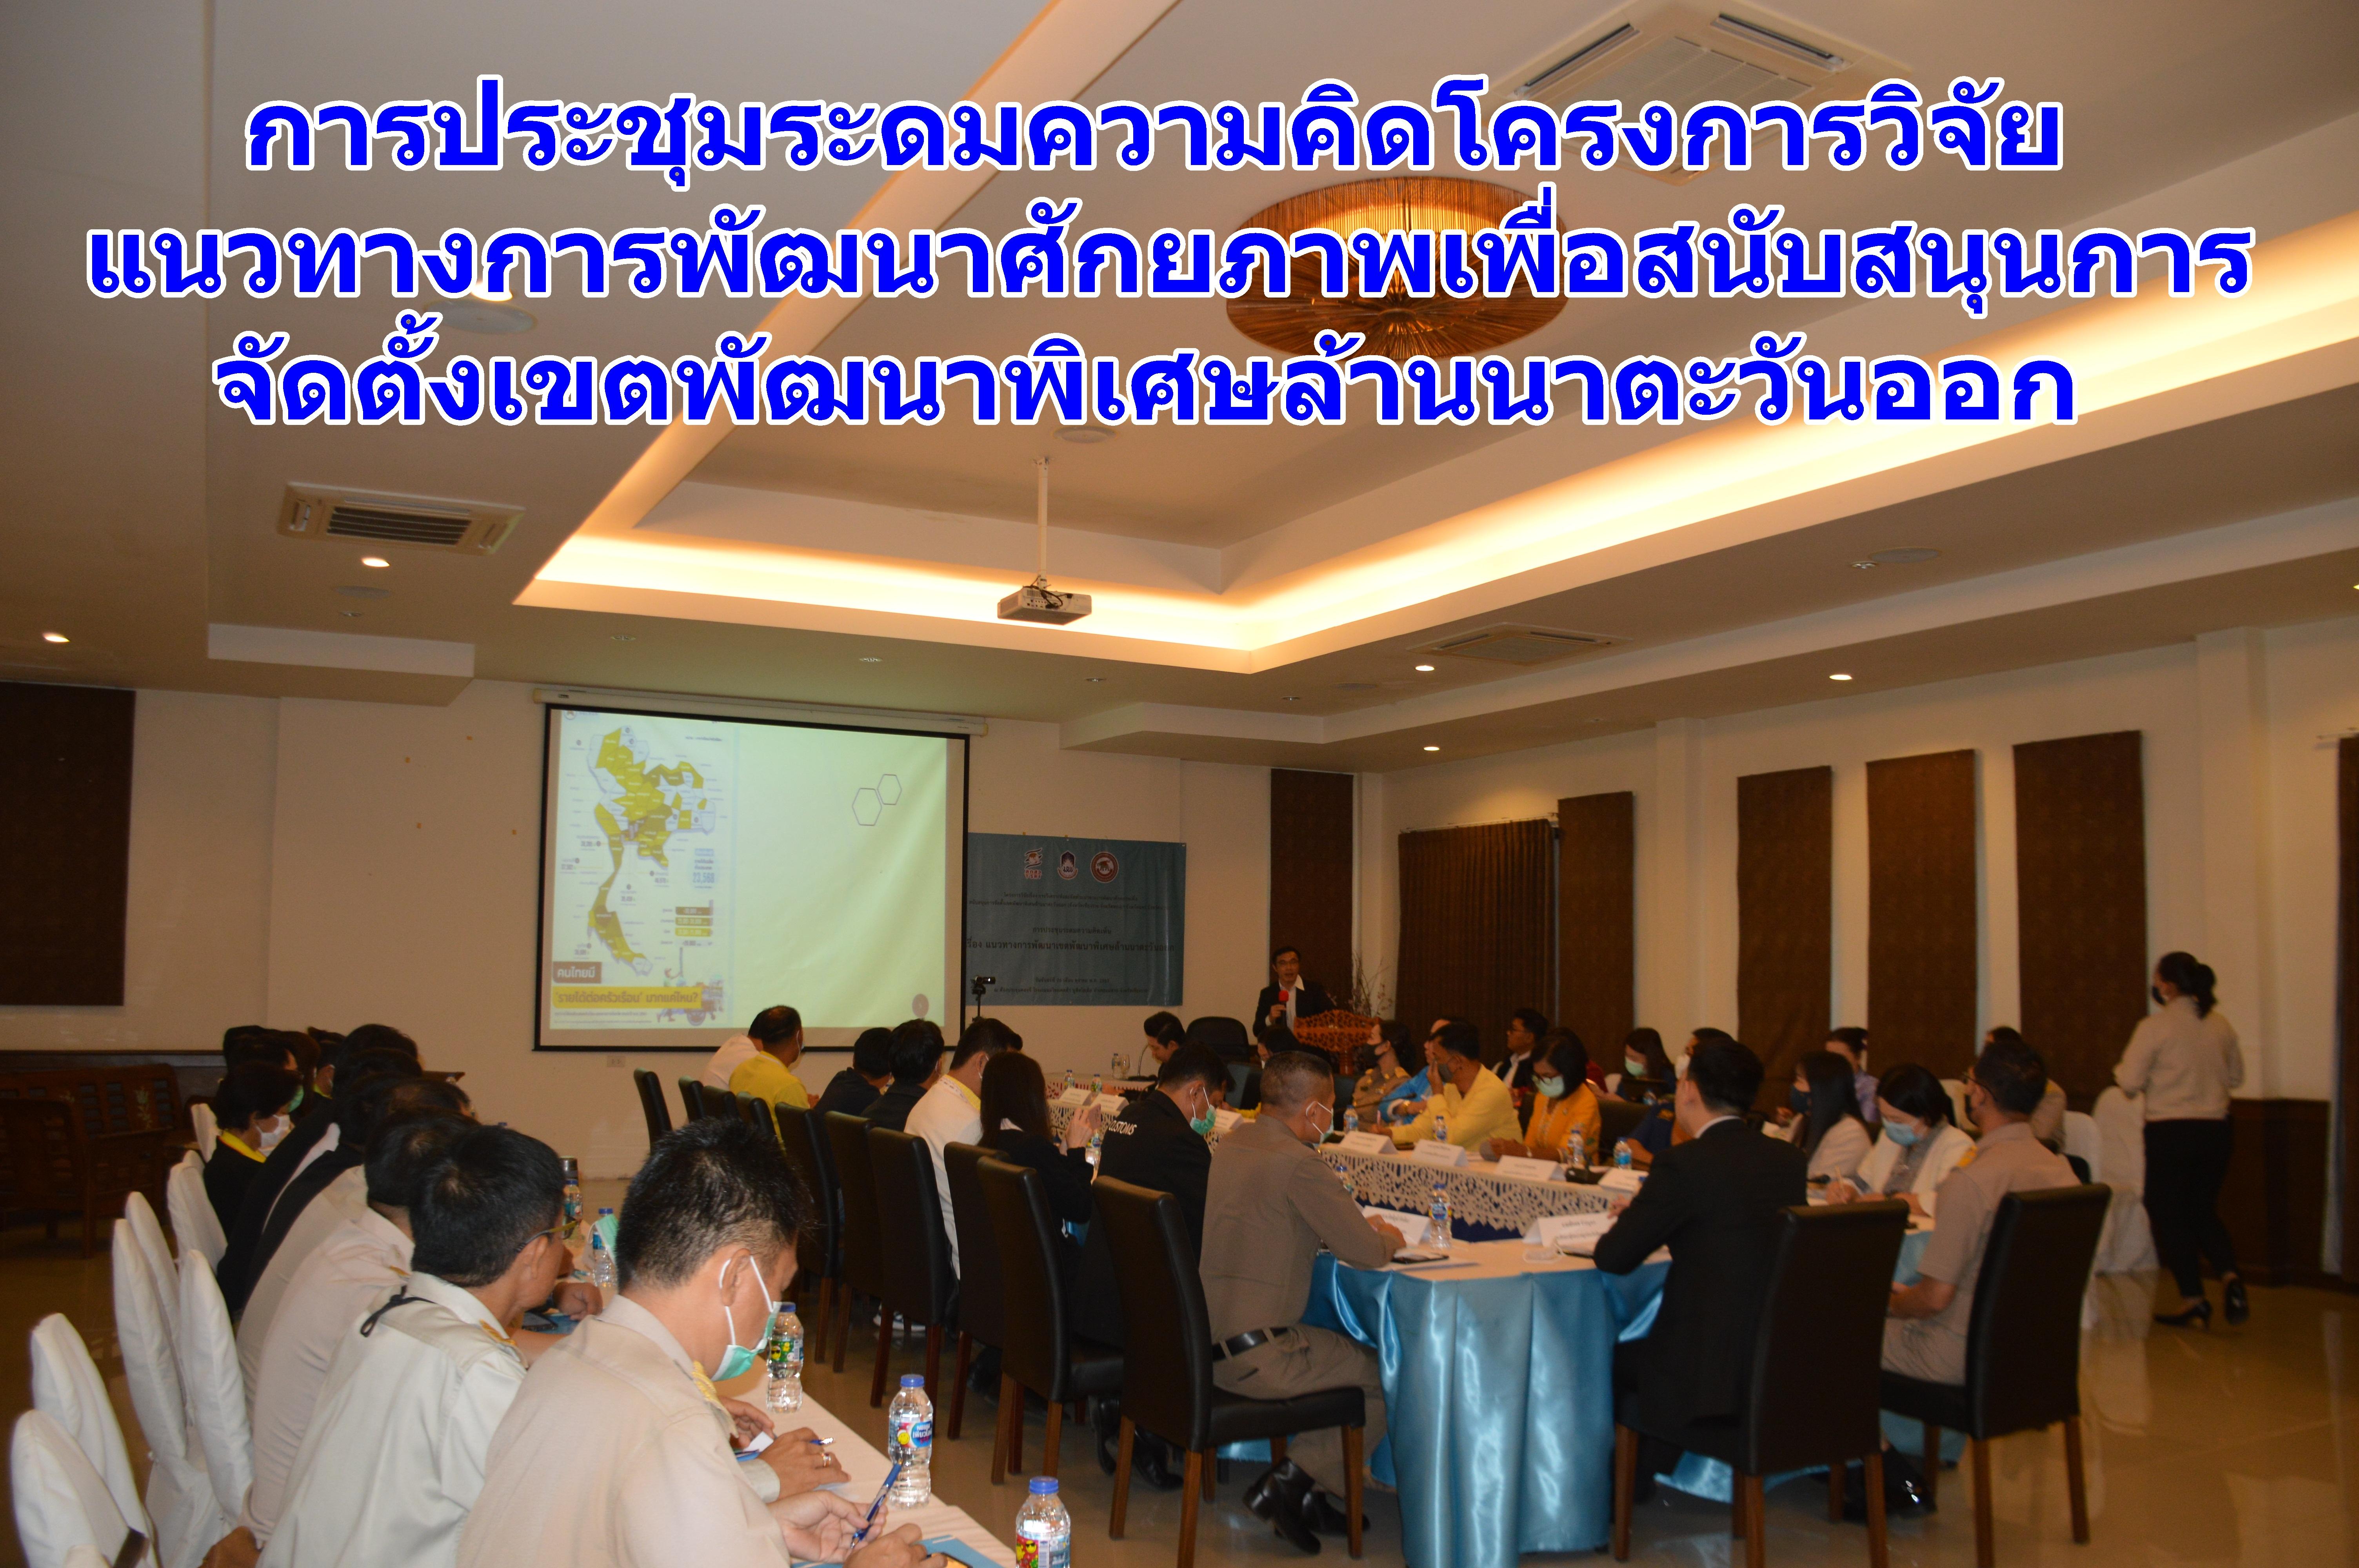 (คลิป) การประชุมระดมความคิด โครงการวิจัยแนวทางการพัฒนาศักยภาพ เพื่อสนับสนุนการจัดตั้งเขตพัฒนาพิเศษล้านนาตะวันออก